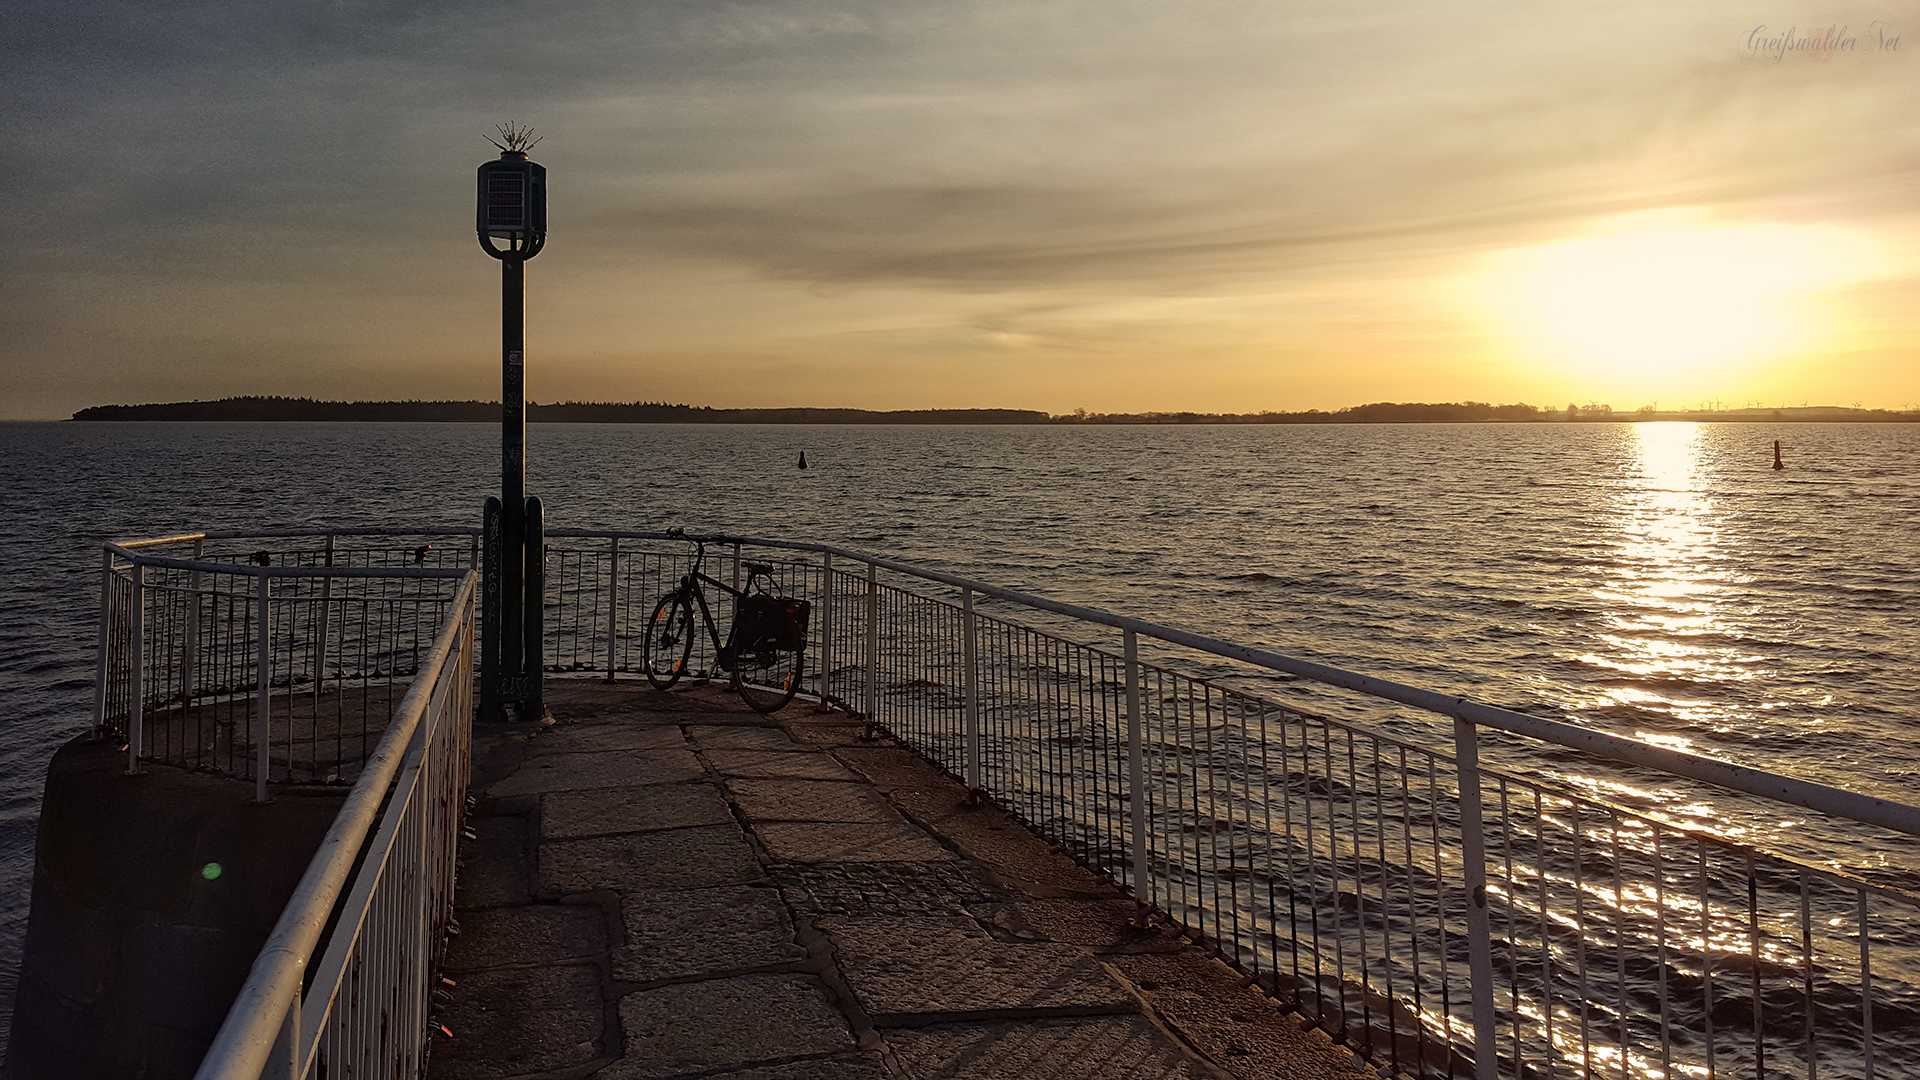 Sonnenaufgang an der Mole in Greifswald-Wieck